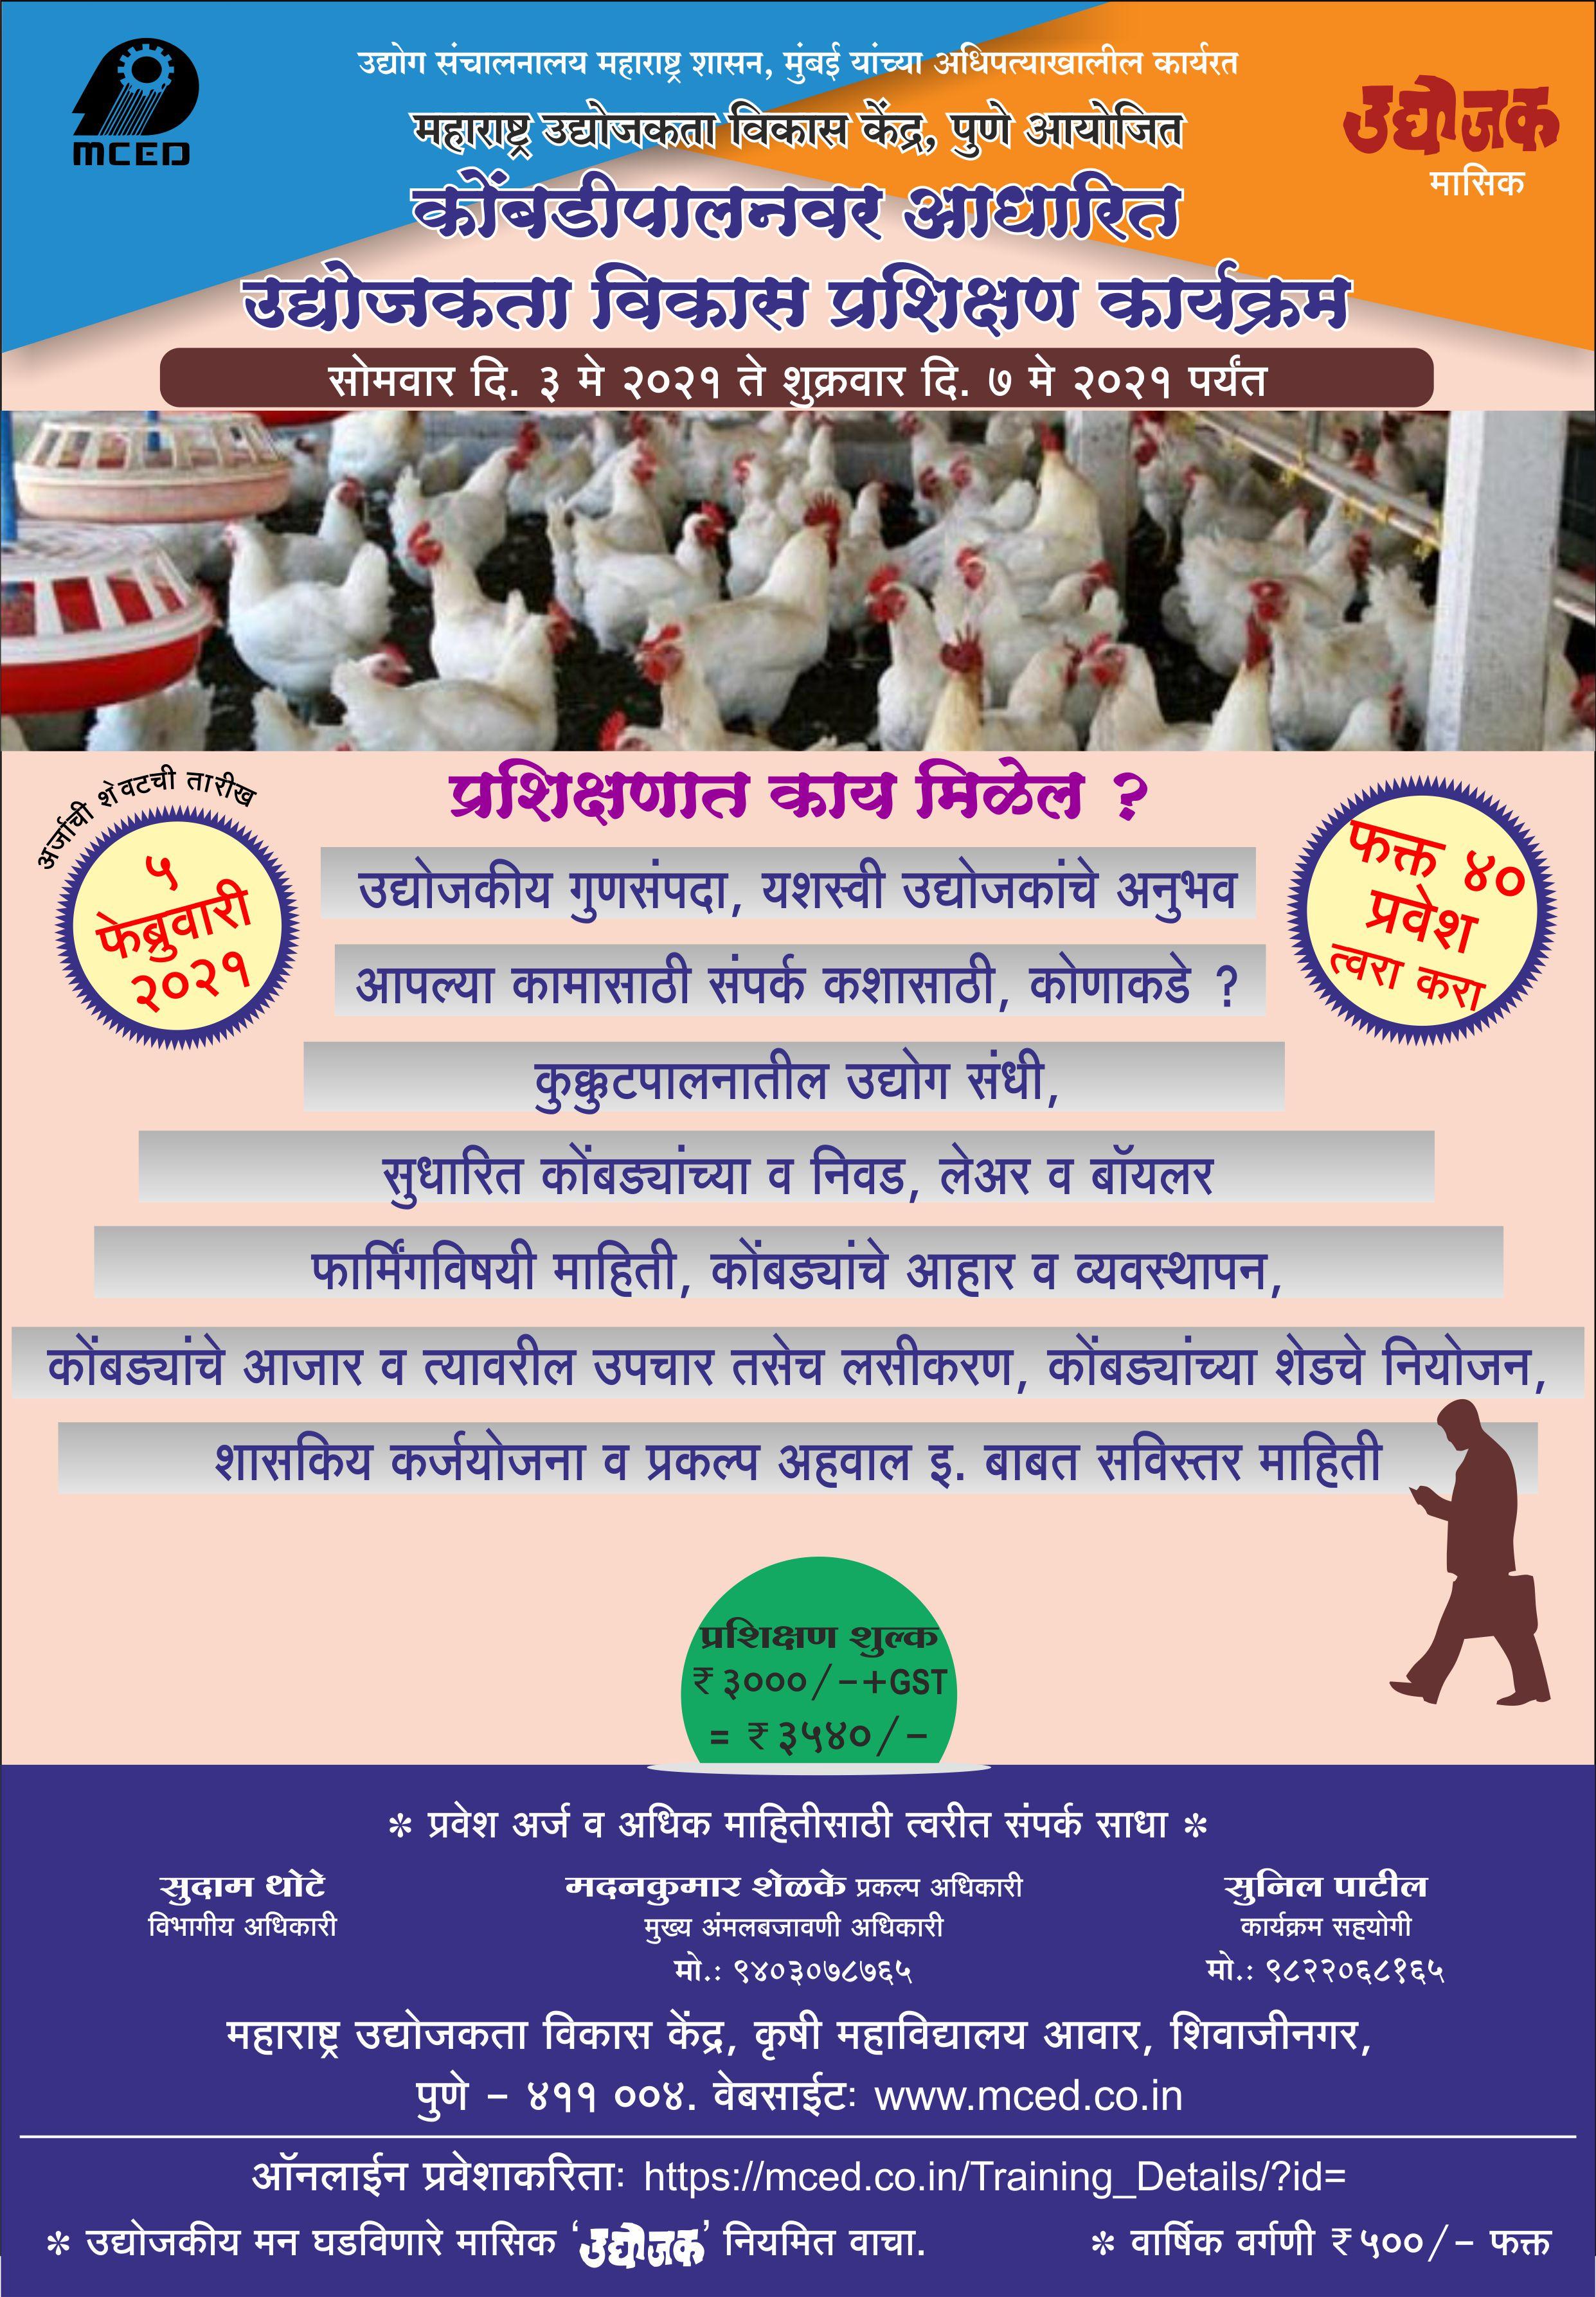 Poultry Farming